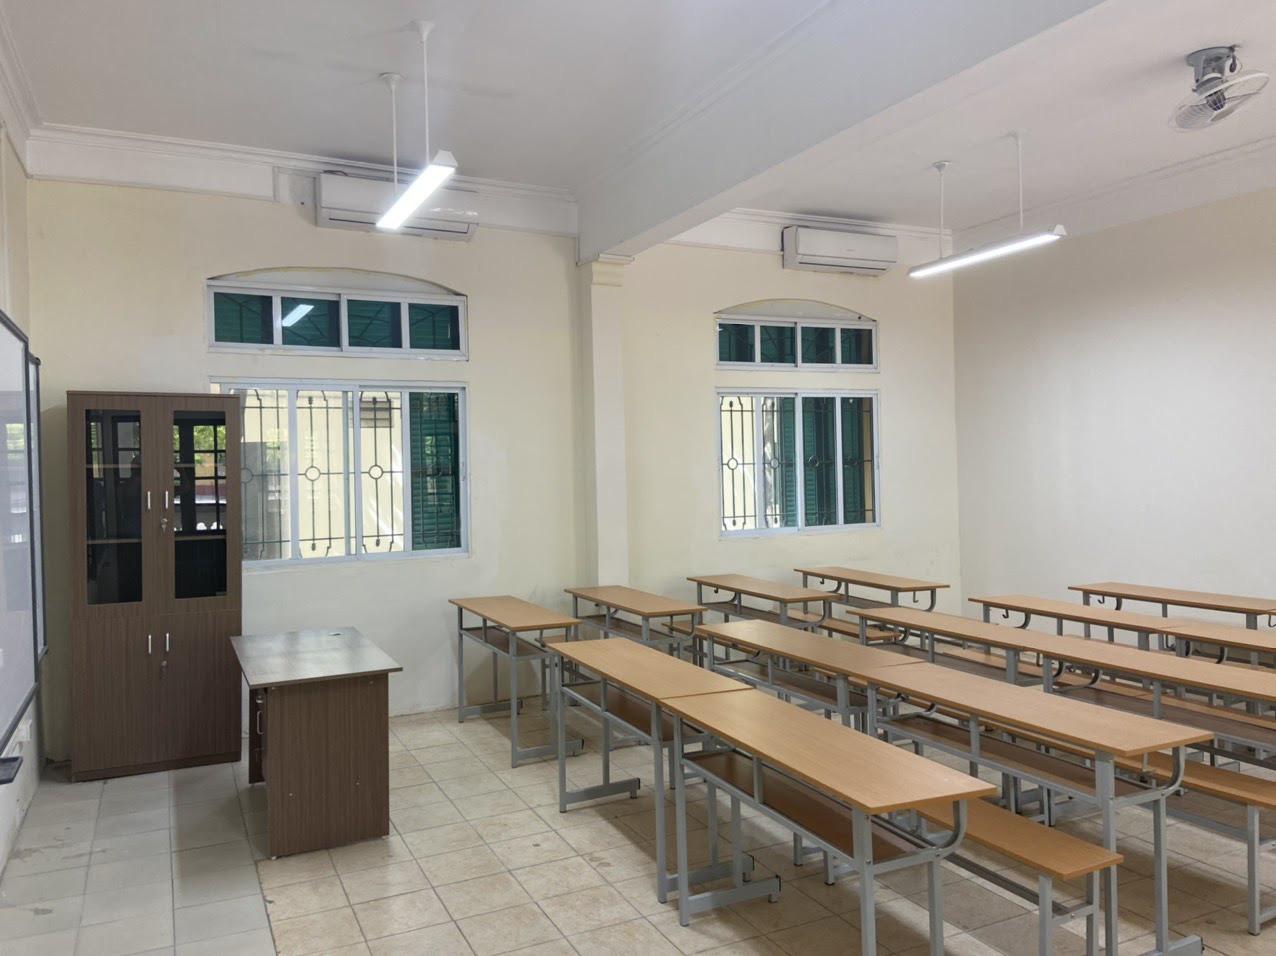 Diện mạo mới của ngôi trường 22 năm tuổi được đầu tư bởi Hệ thống giáo dục CEO Việt Nam High School - Ảnh 7.